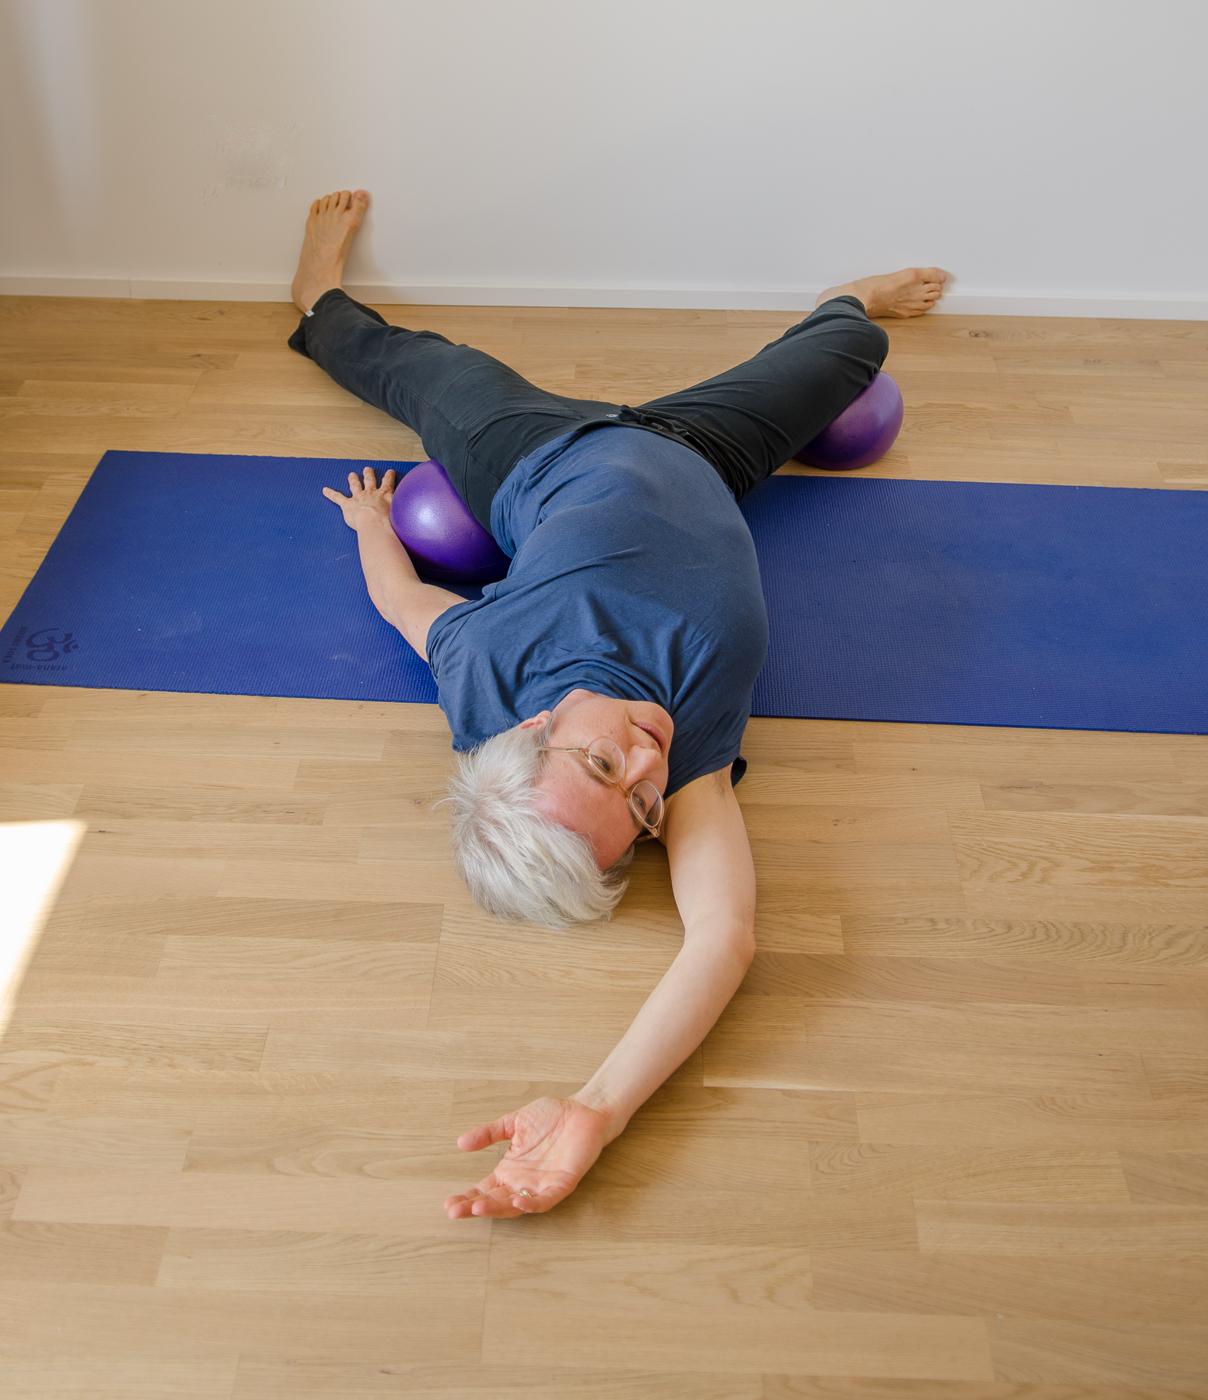 Botschafterin für barrierefreies Yoga